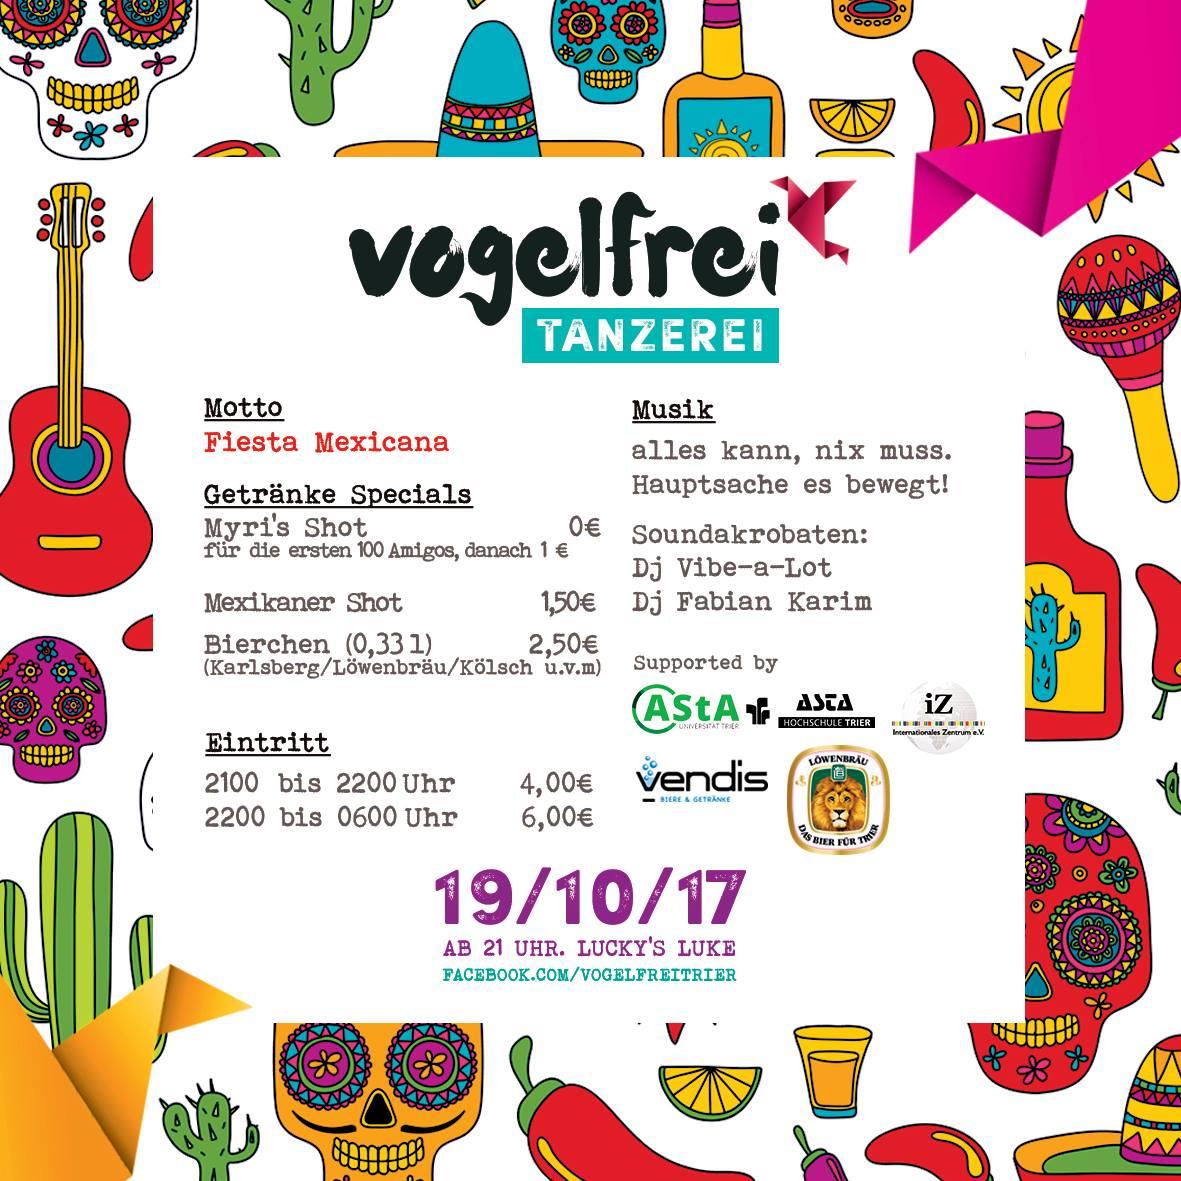 Vogelfrei Tanzerei! Fiesta Mexicana